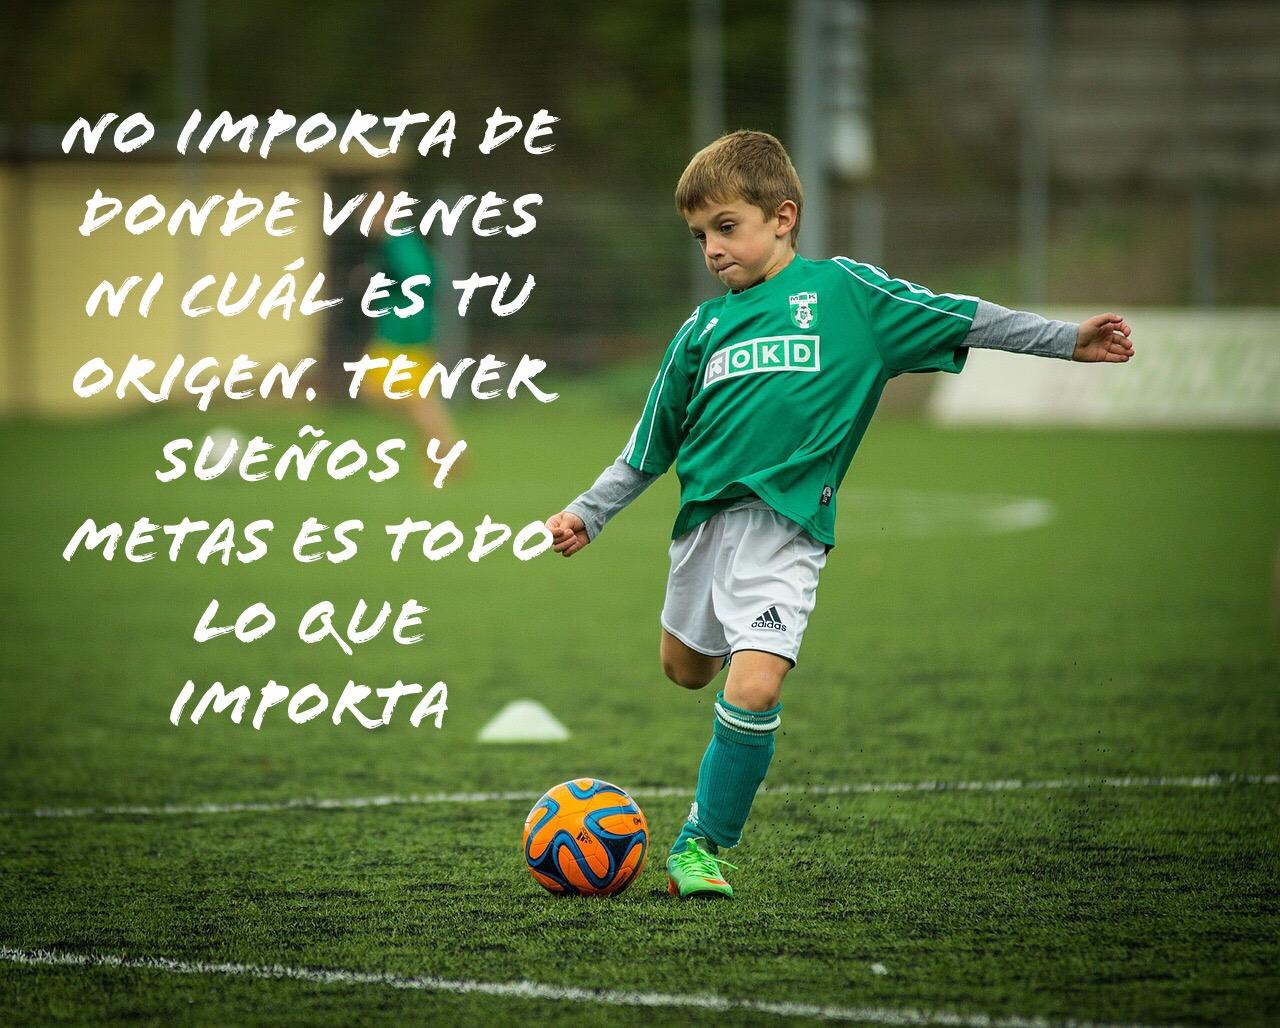 Las 75 Mejores Frases De Motivación Deportiva Revolución